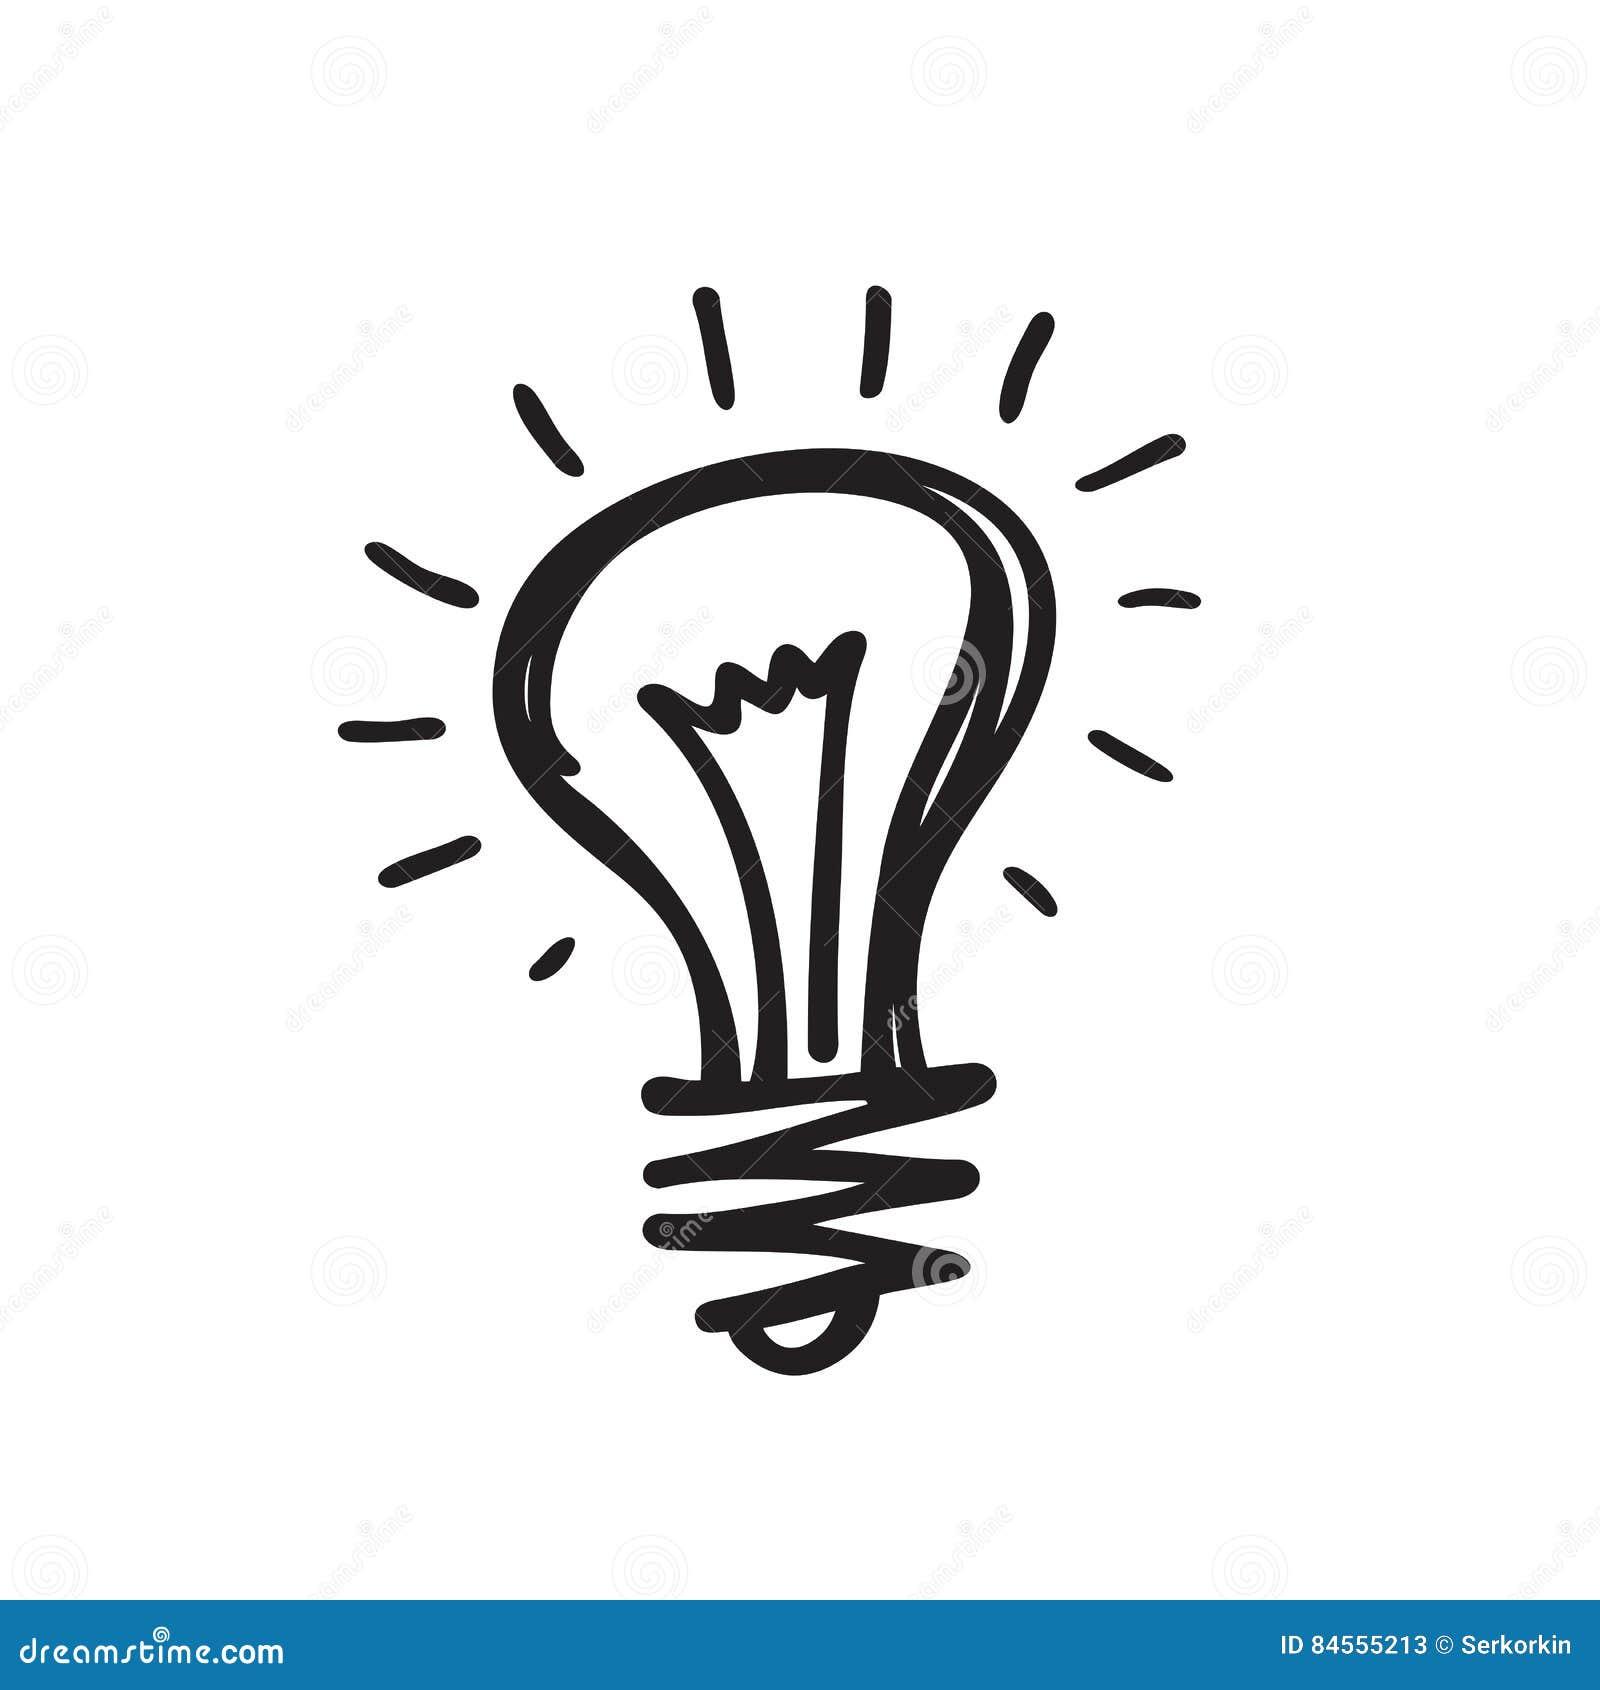 Erfreut Schematisches Symbol Für Lampe Zeitgenössisch - Elektrische ...